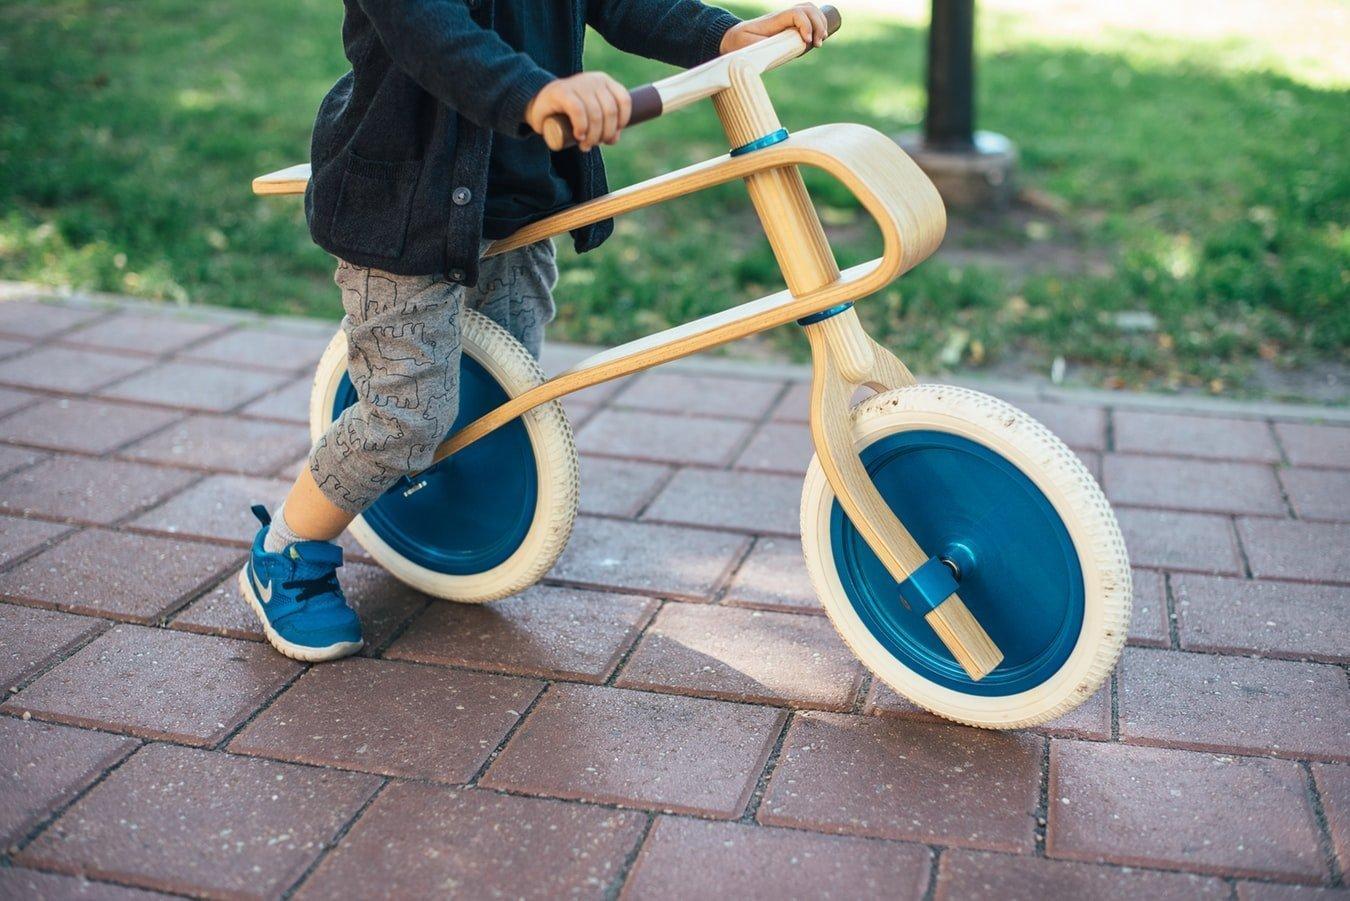 Best Wooden Balance Bikes - KidsGearGuide